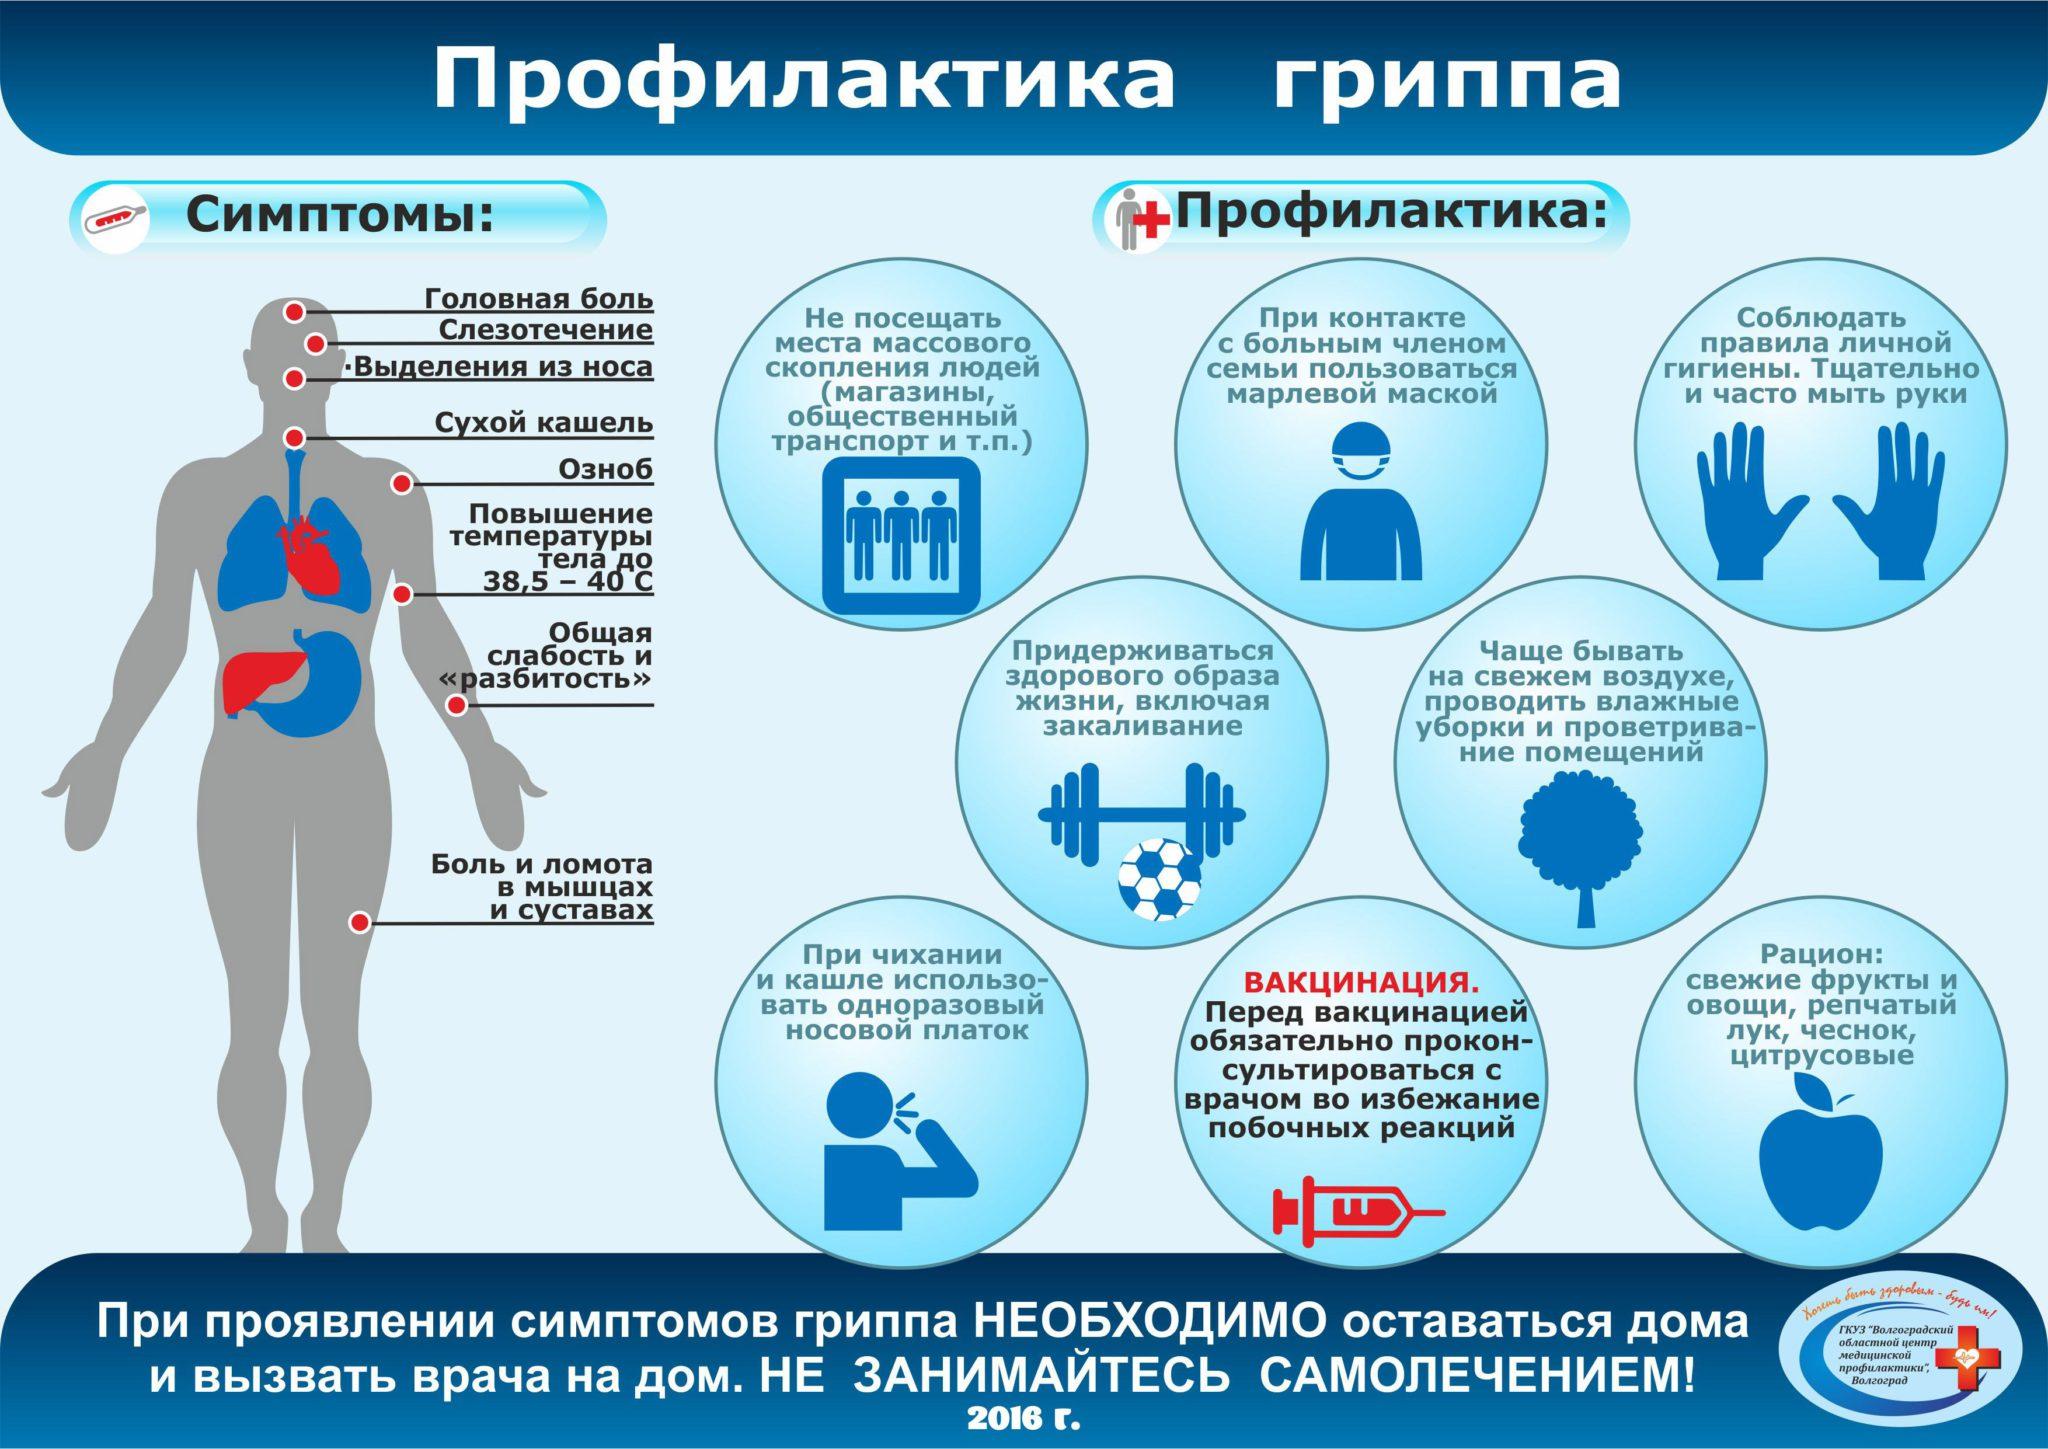 Продолжительность болезни ОРВИ